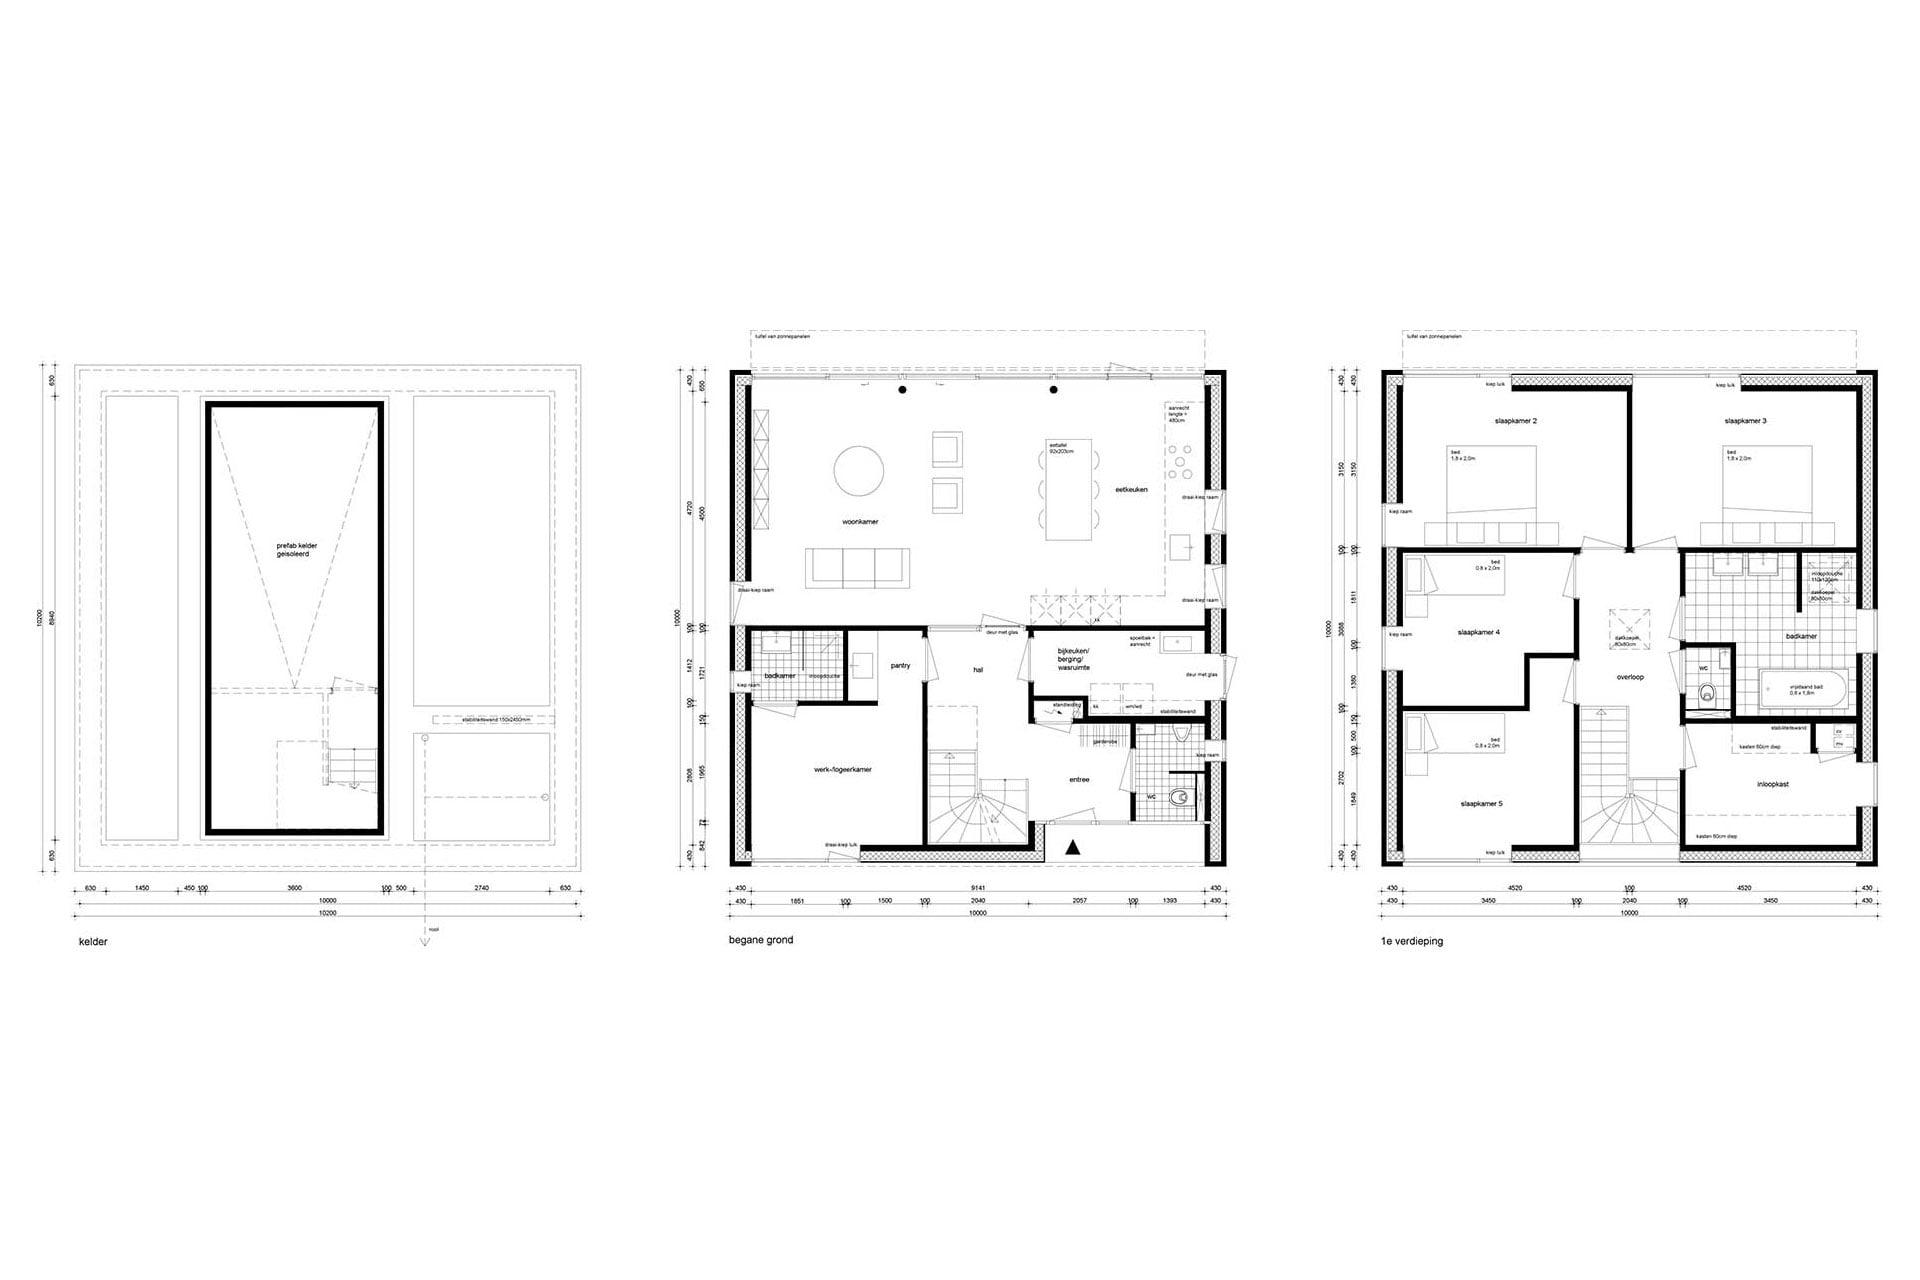 8A-Architecten-Villa-Cor-Hermusstraat-Slotervaart-Amsterdam-03